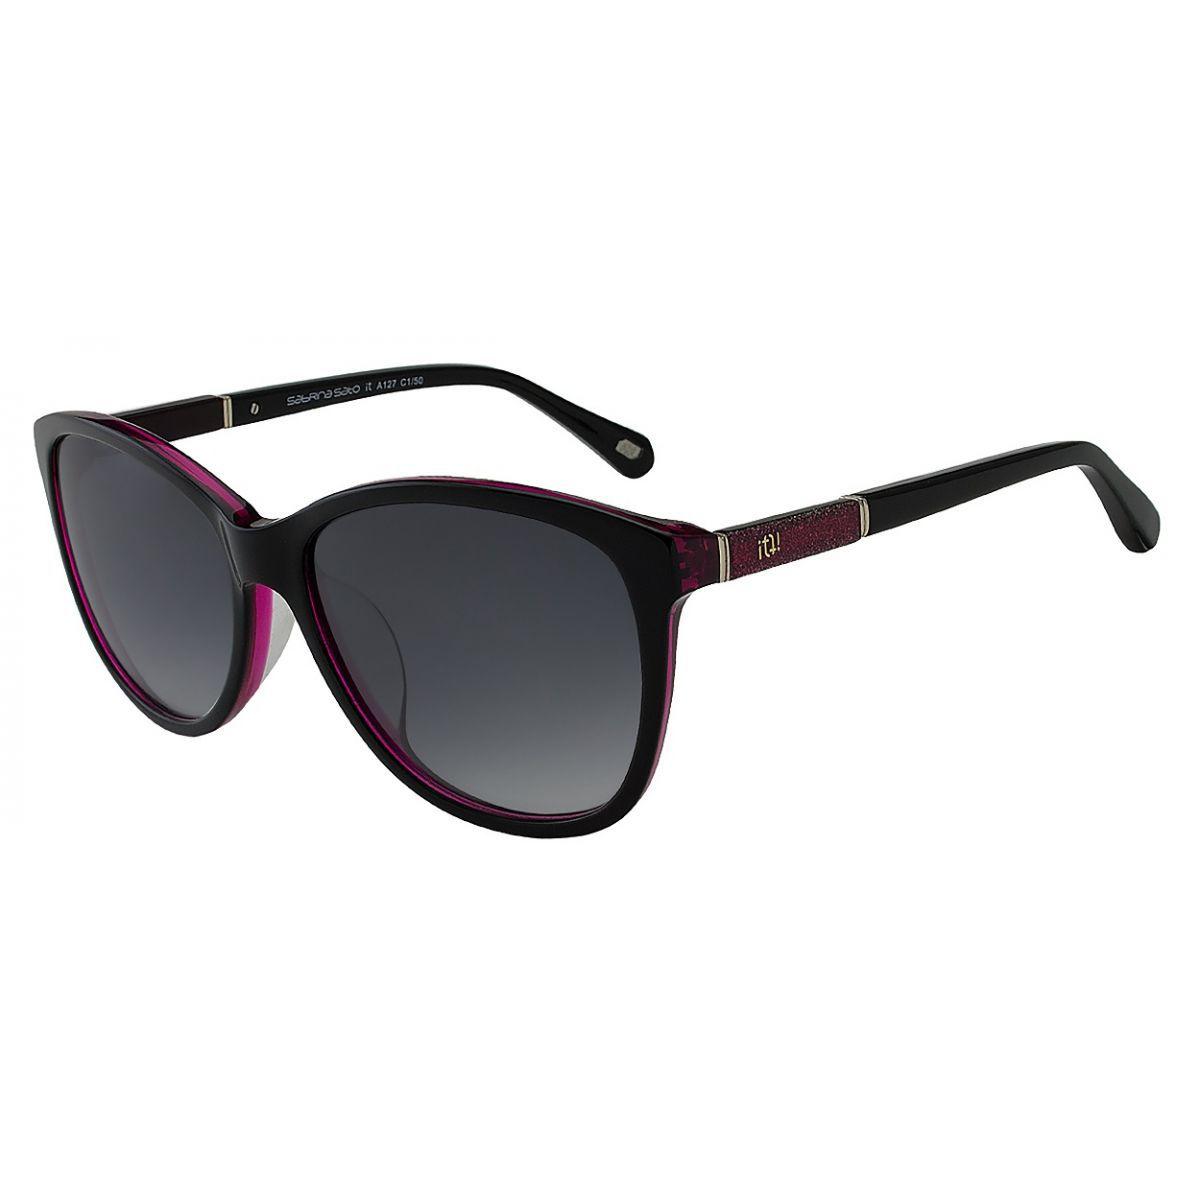 Oculos Solar It Sabrina Sato Lumiere A127 C1/50 Preto Rosa